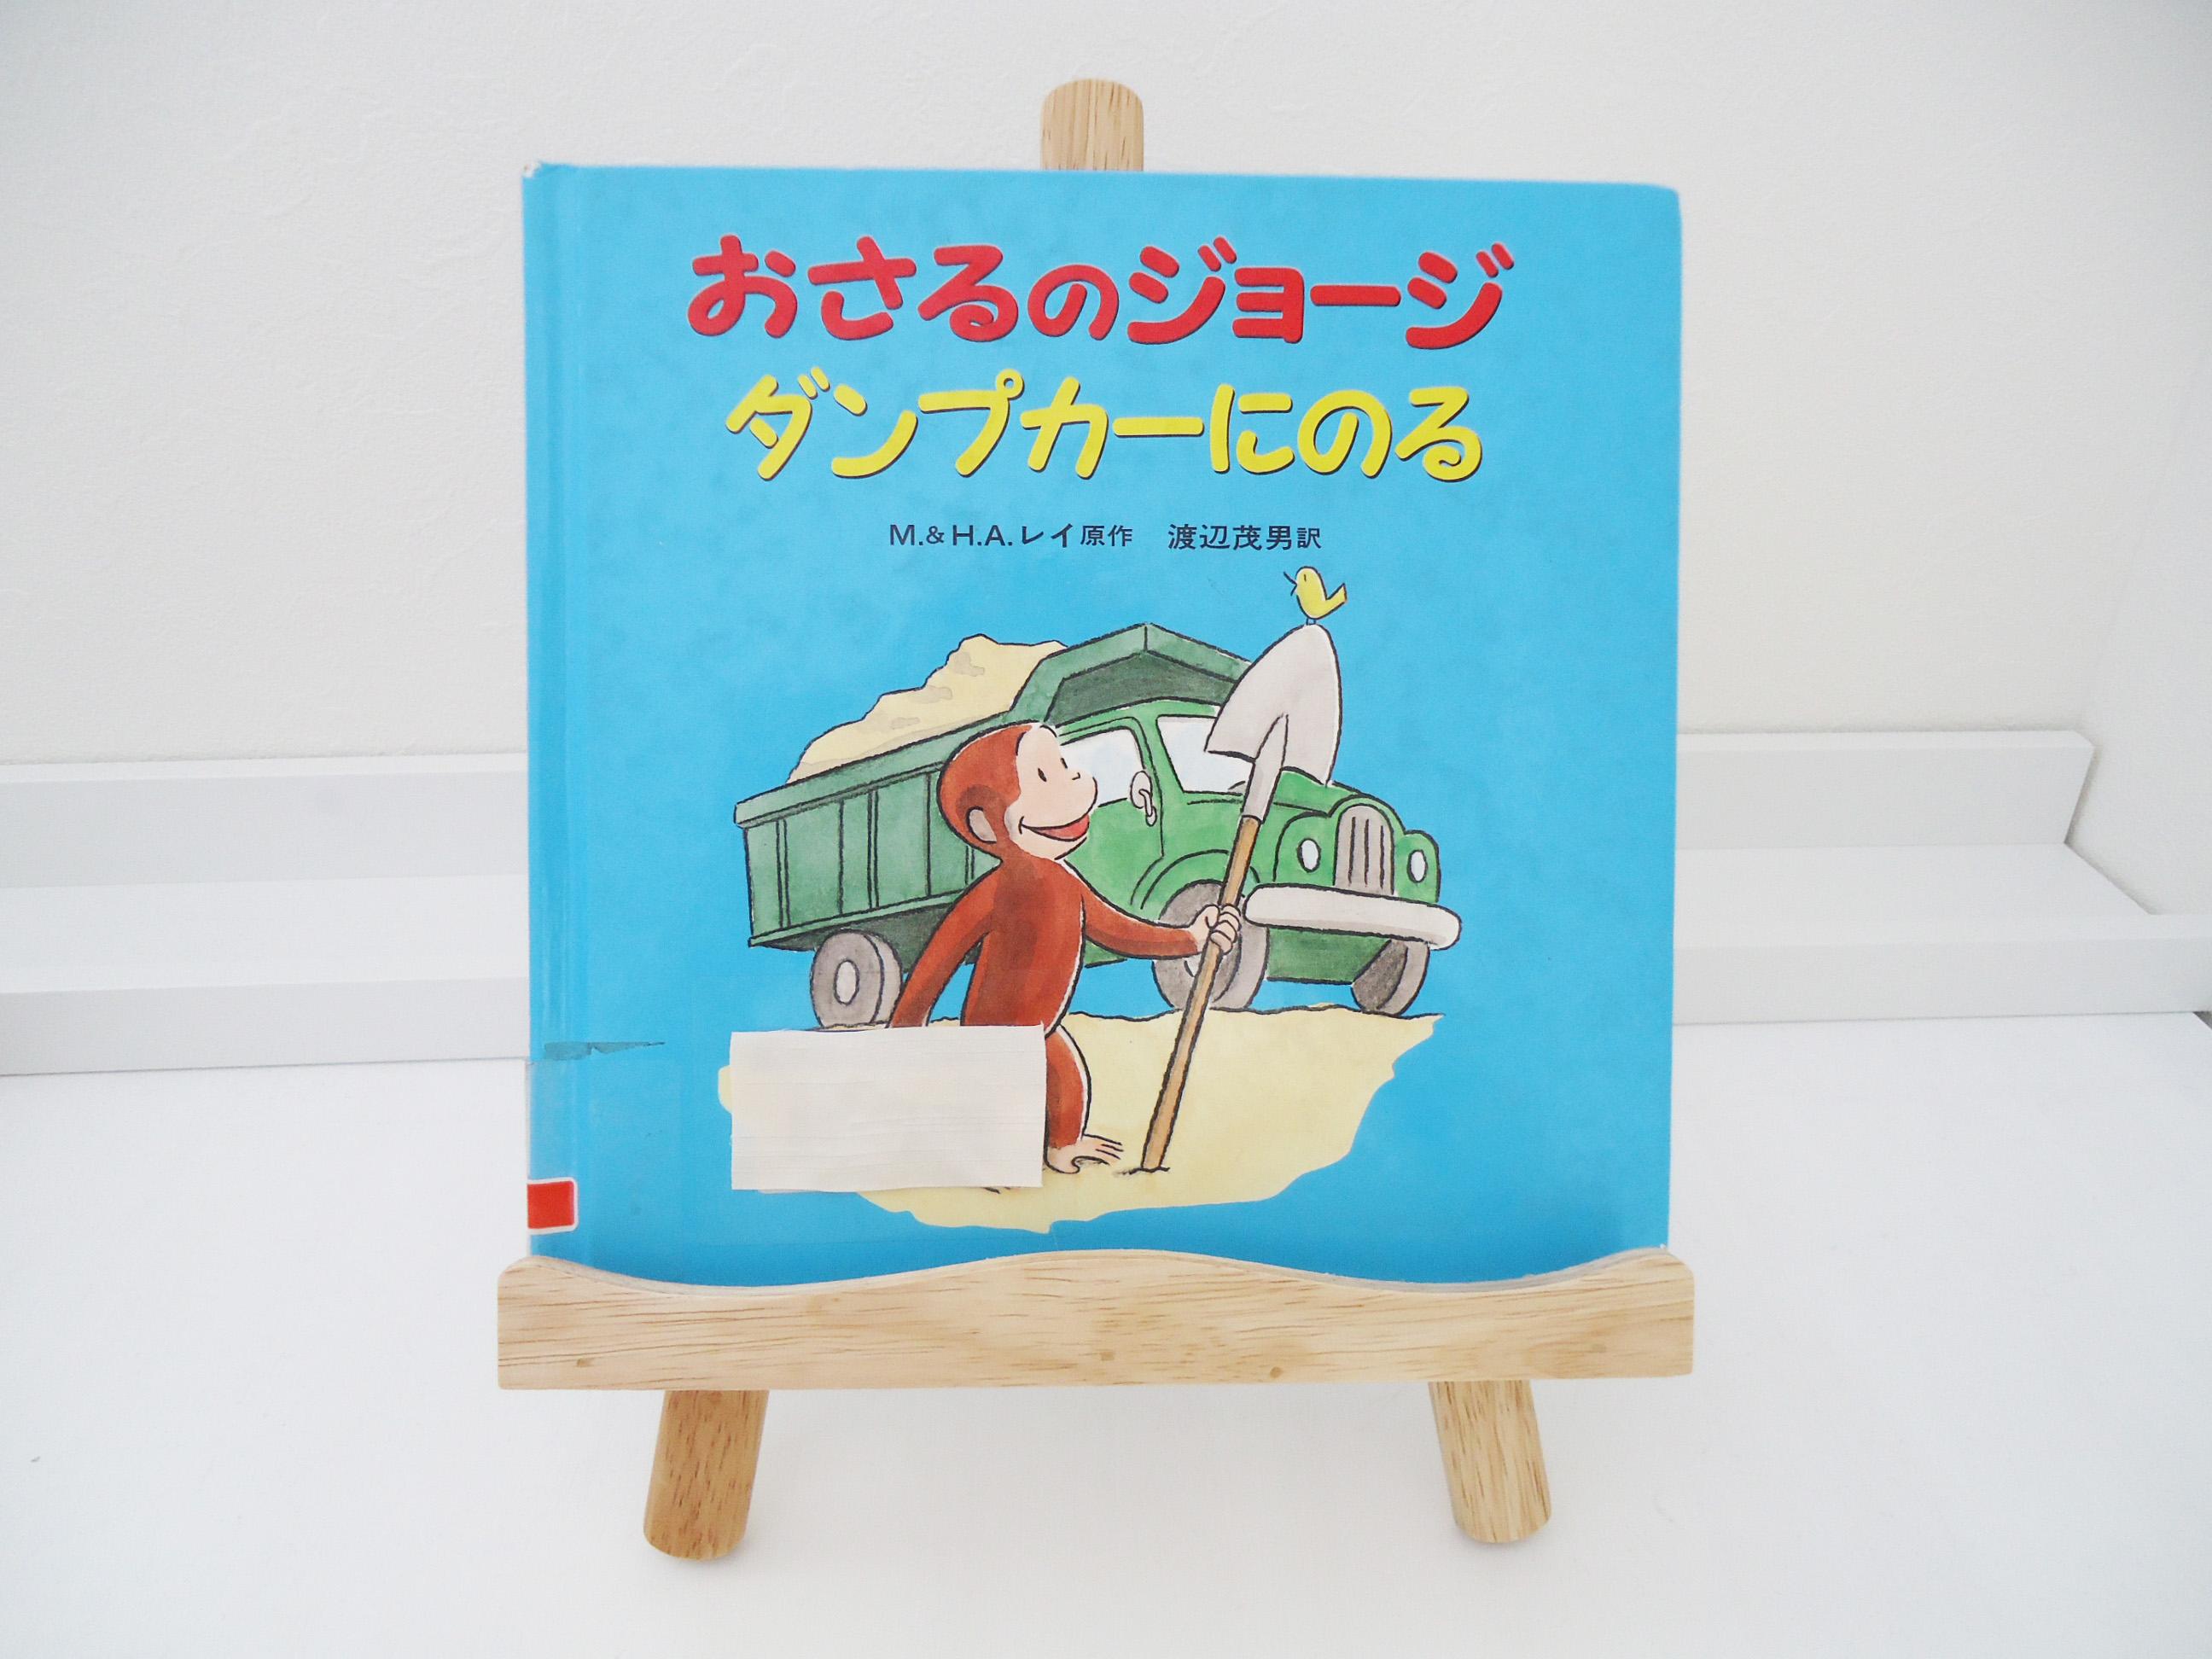 [絵本]『おさるのジョージ ダンプカーにのる』ダンプカーの運転席にジョージが!?